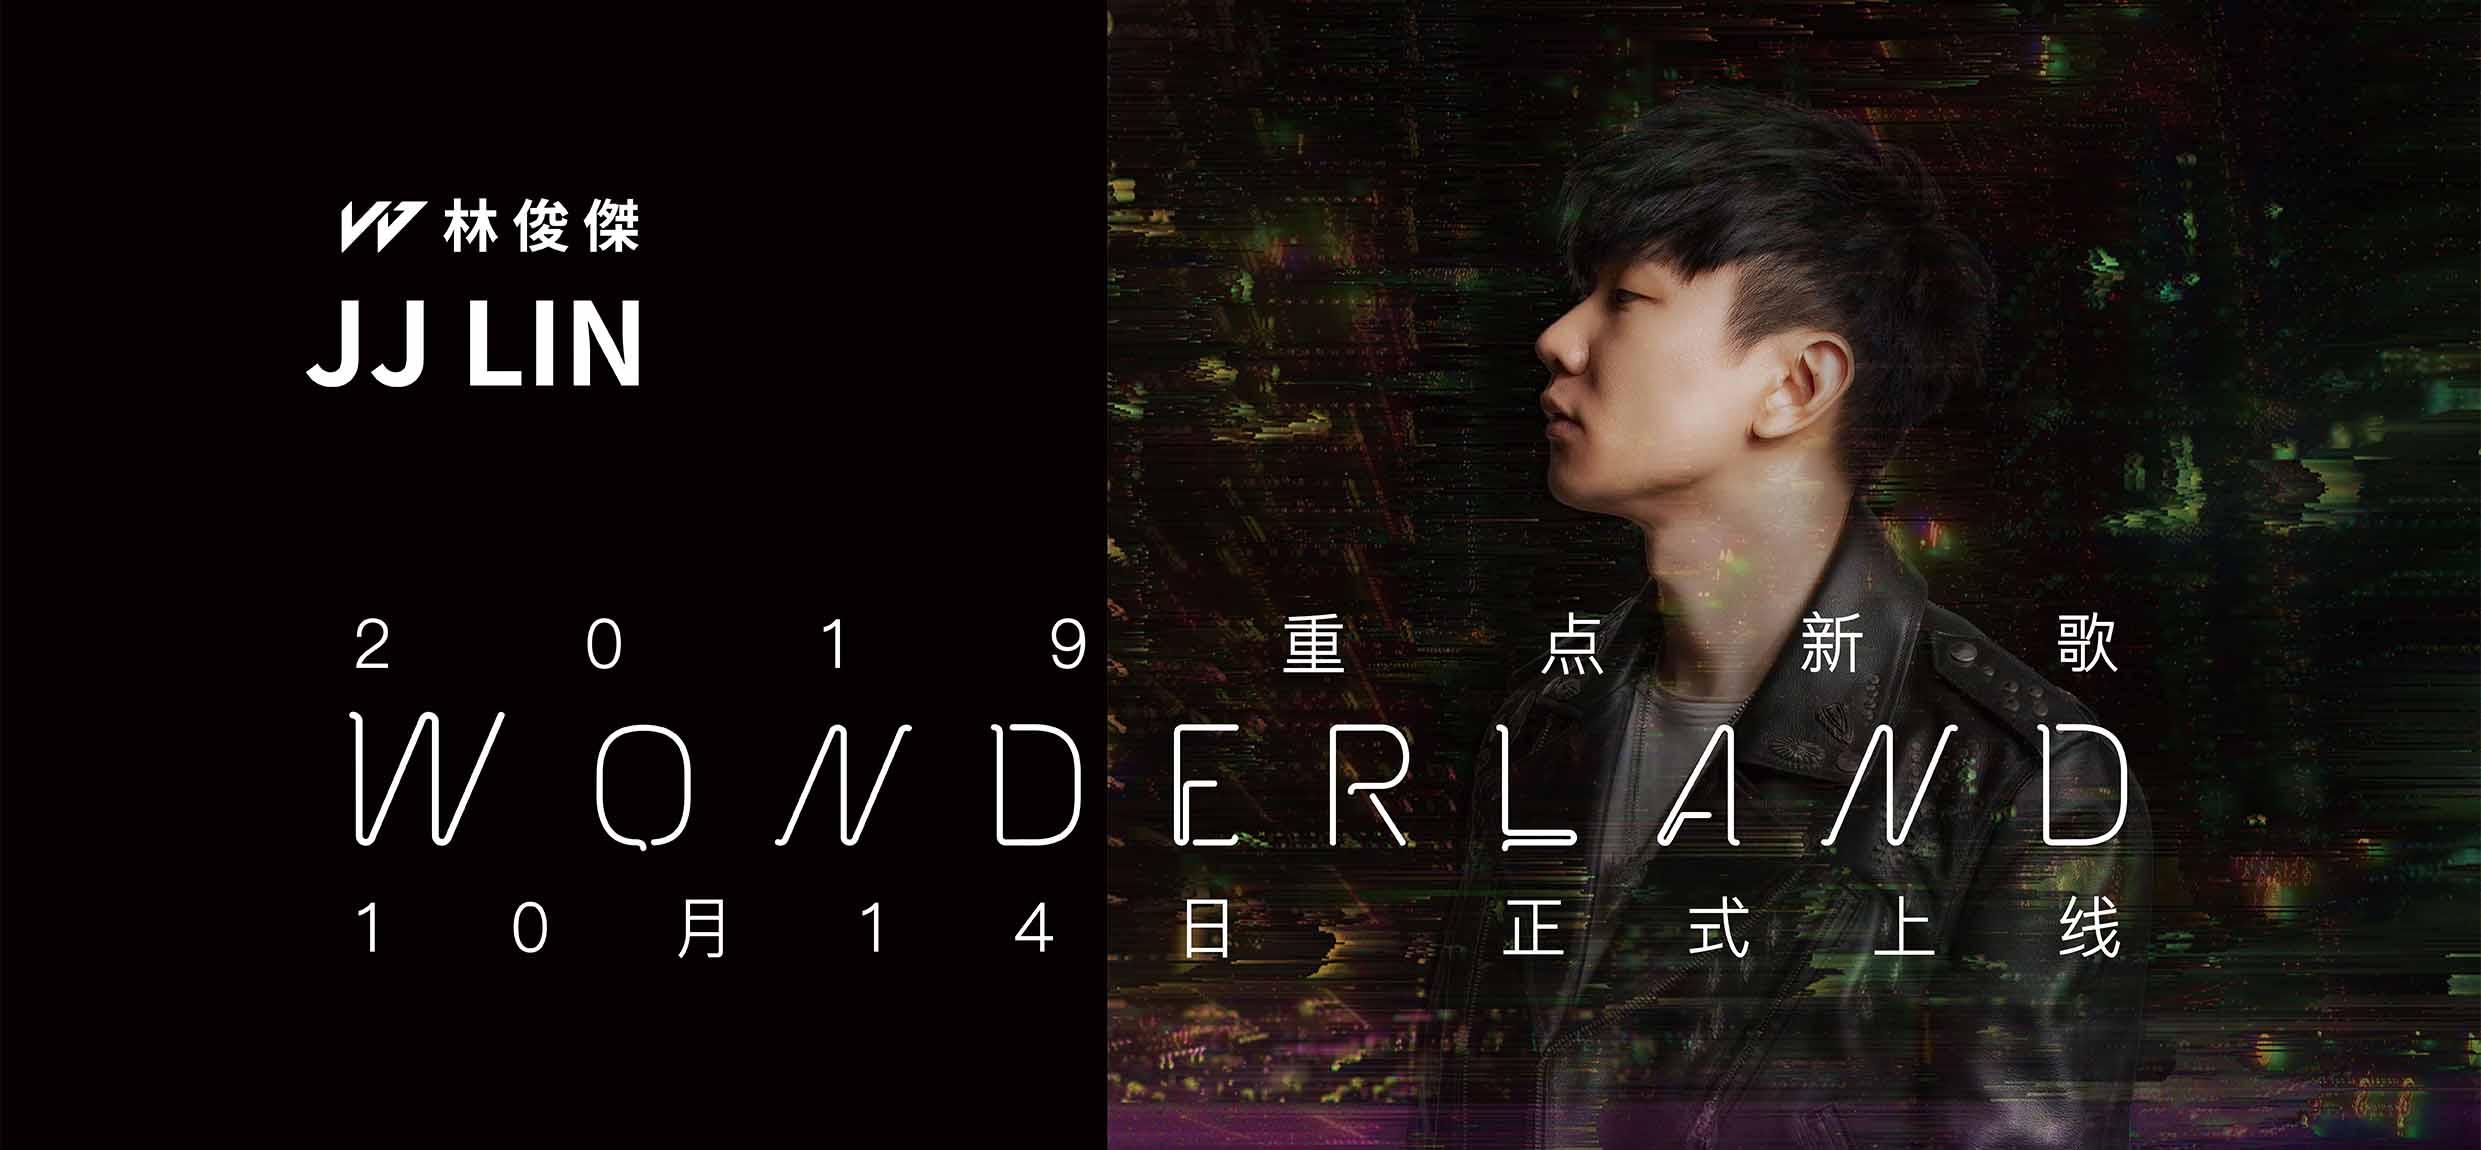 林俊杰2019年重点新歌《Wonderland》震撼发布